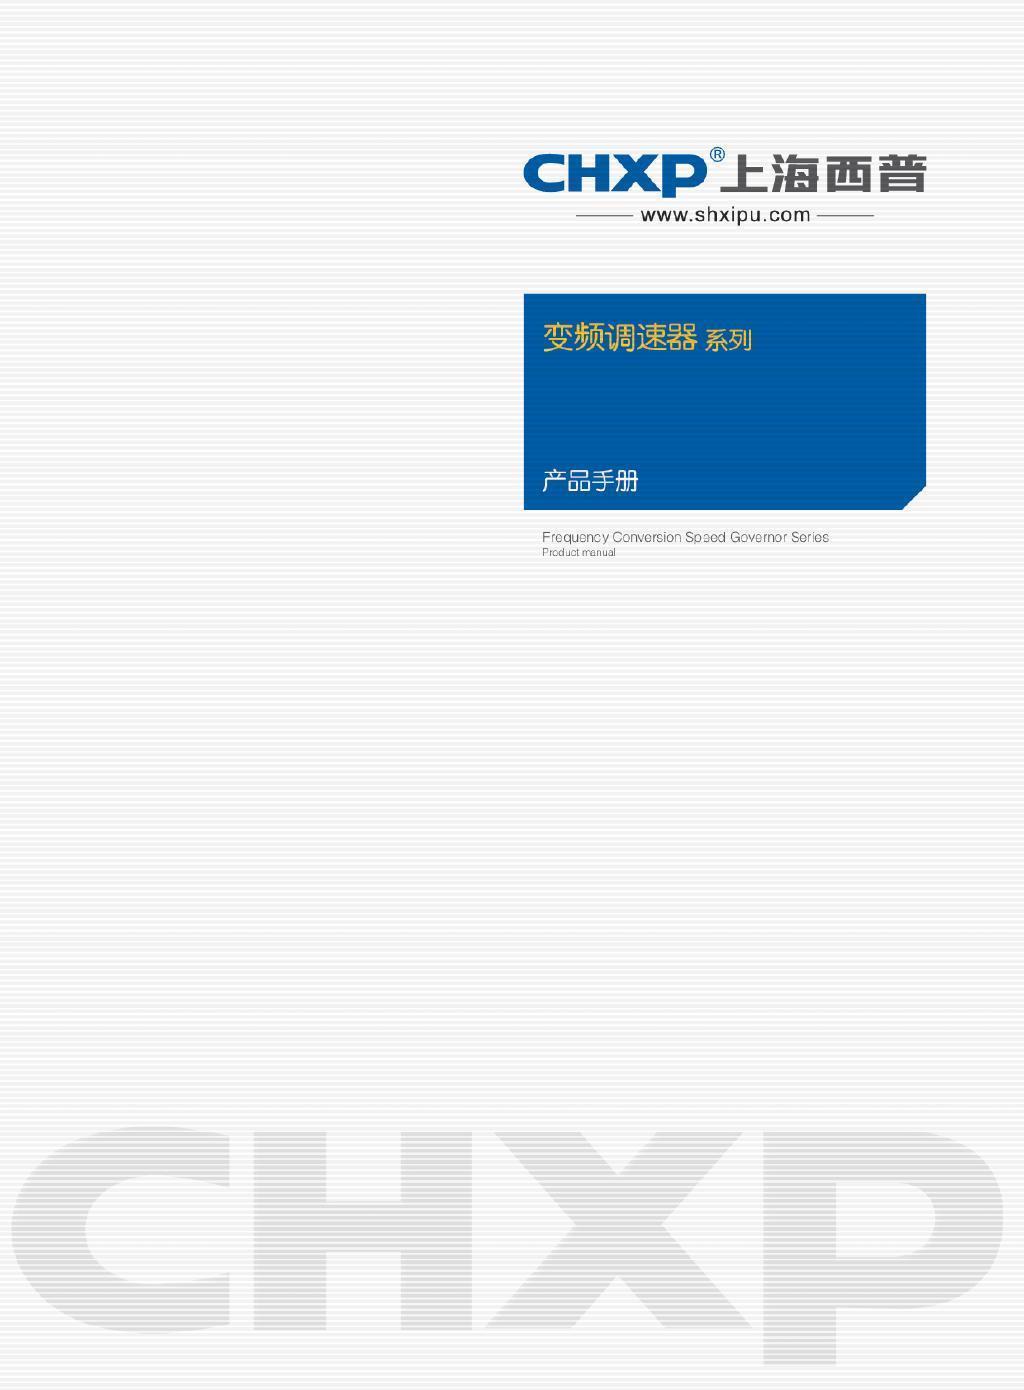 xpb-9000系列无感矢量变频器